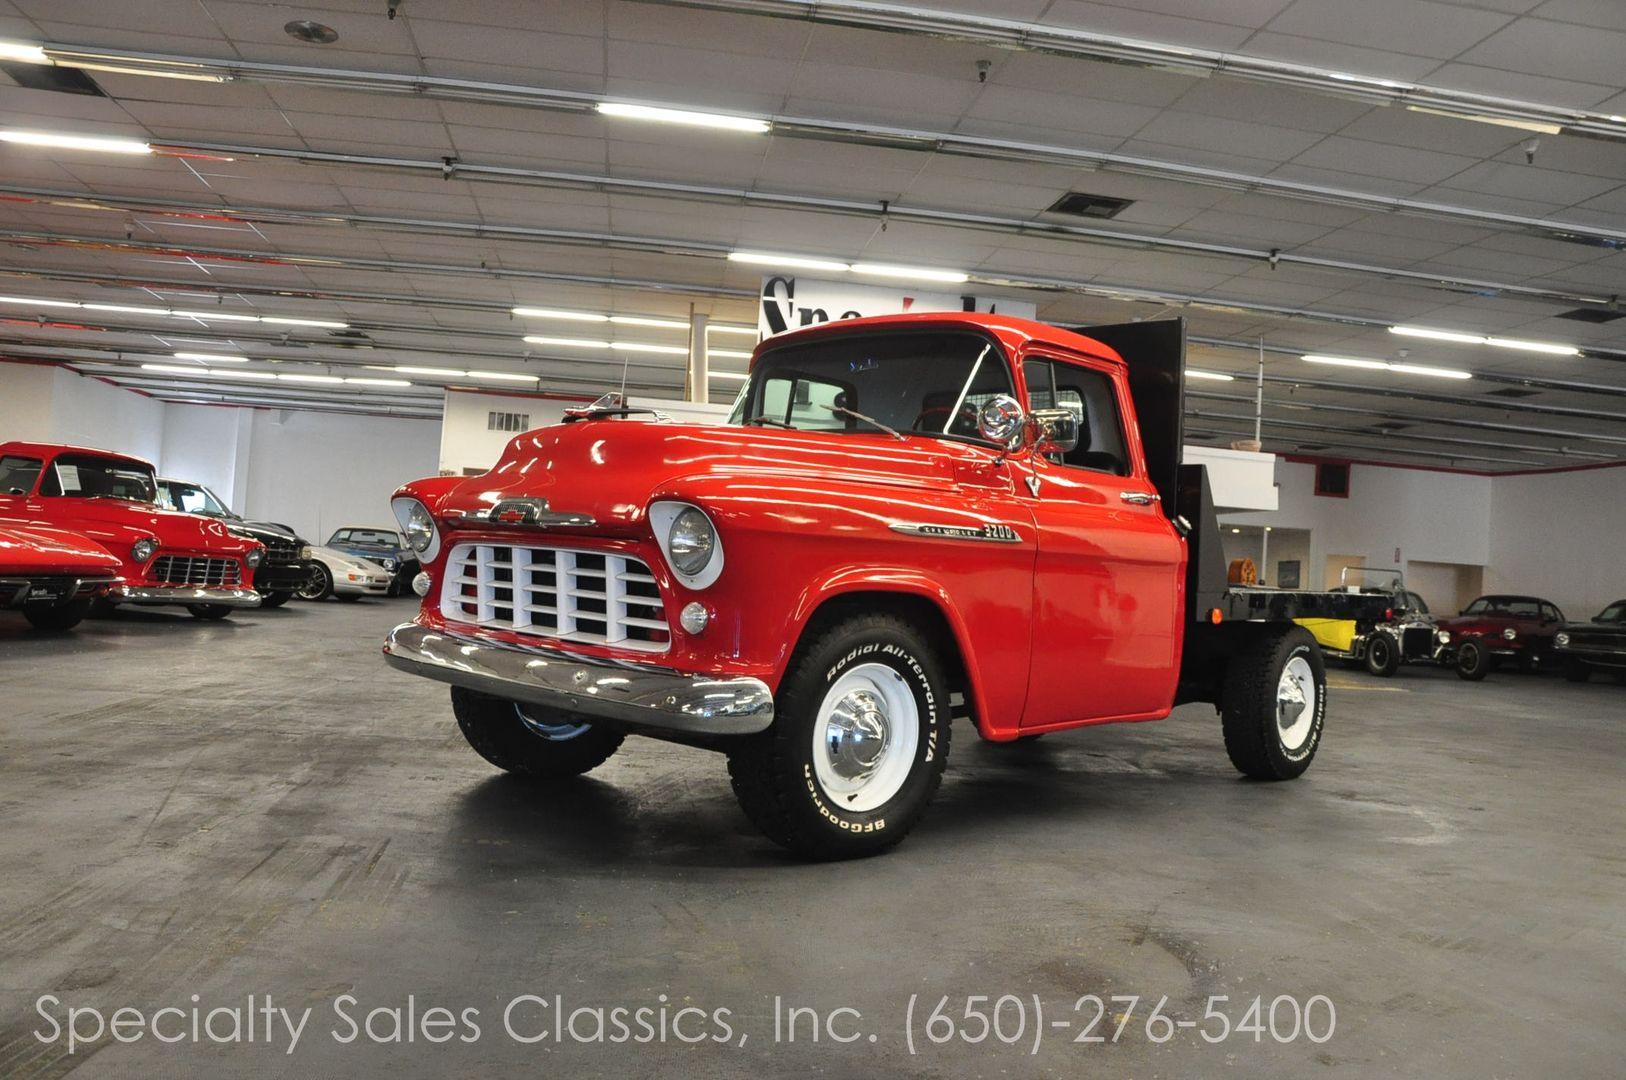 1955 Chevrolet 3200 2 Door Flatbed Dump Truck | Trucks | Pinterest ...